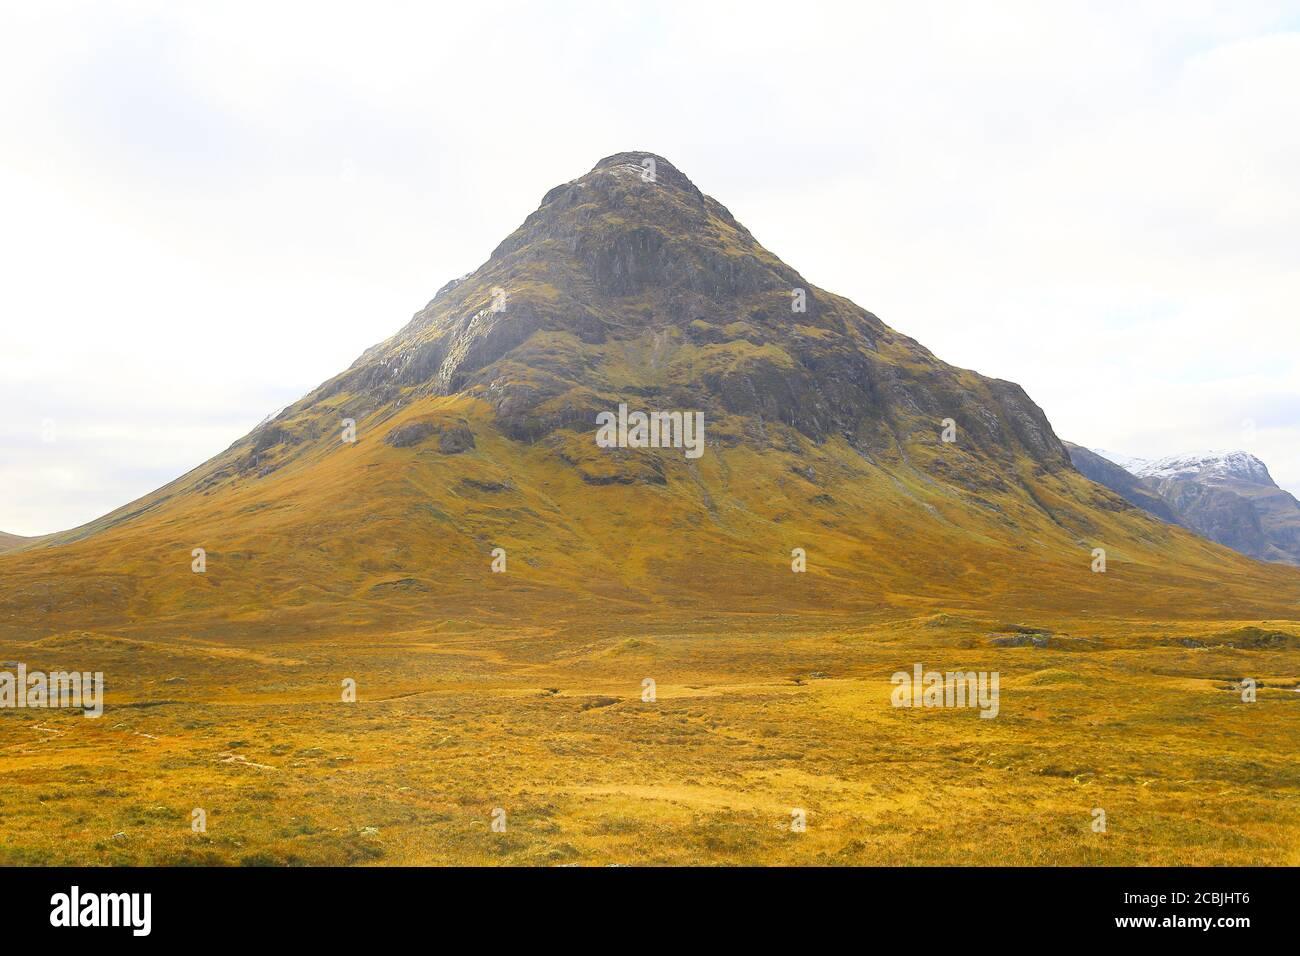 Les montagnes écossaises montrent leur beauté dans le désert. Banque D'Images